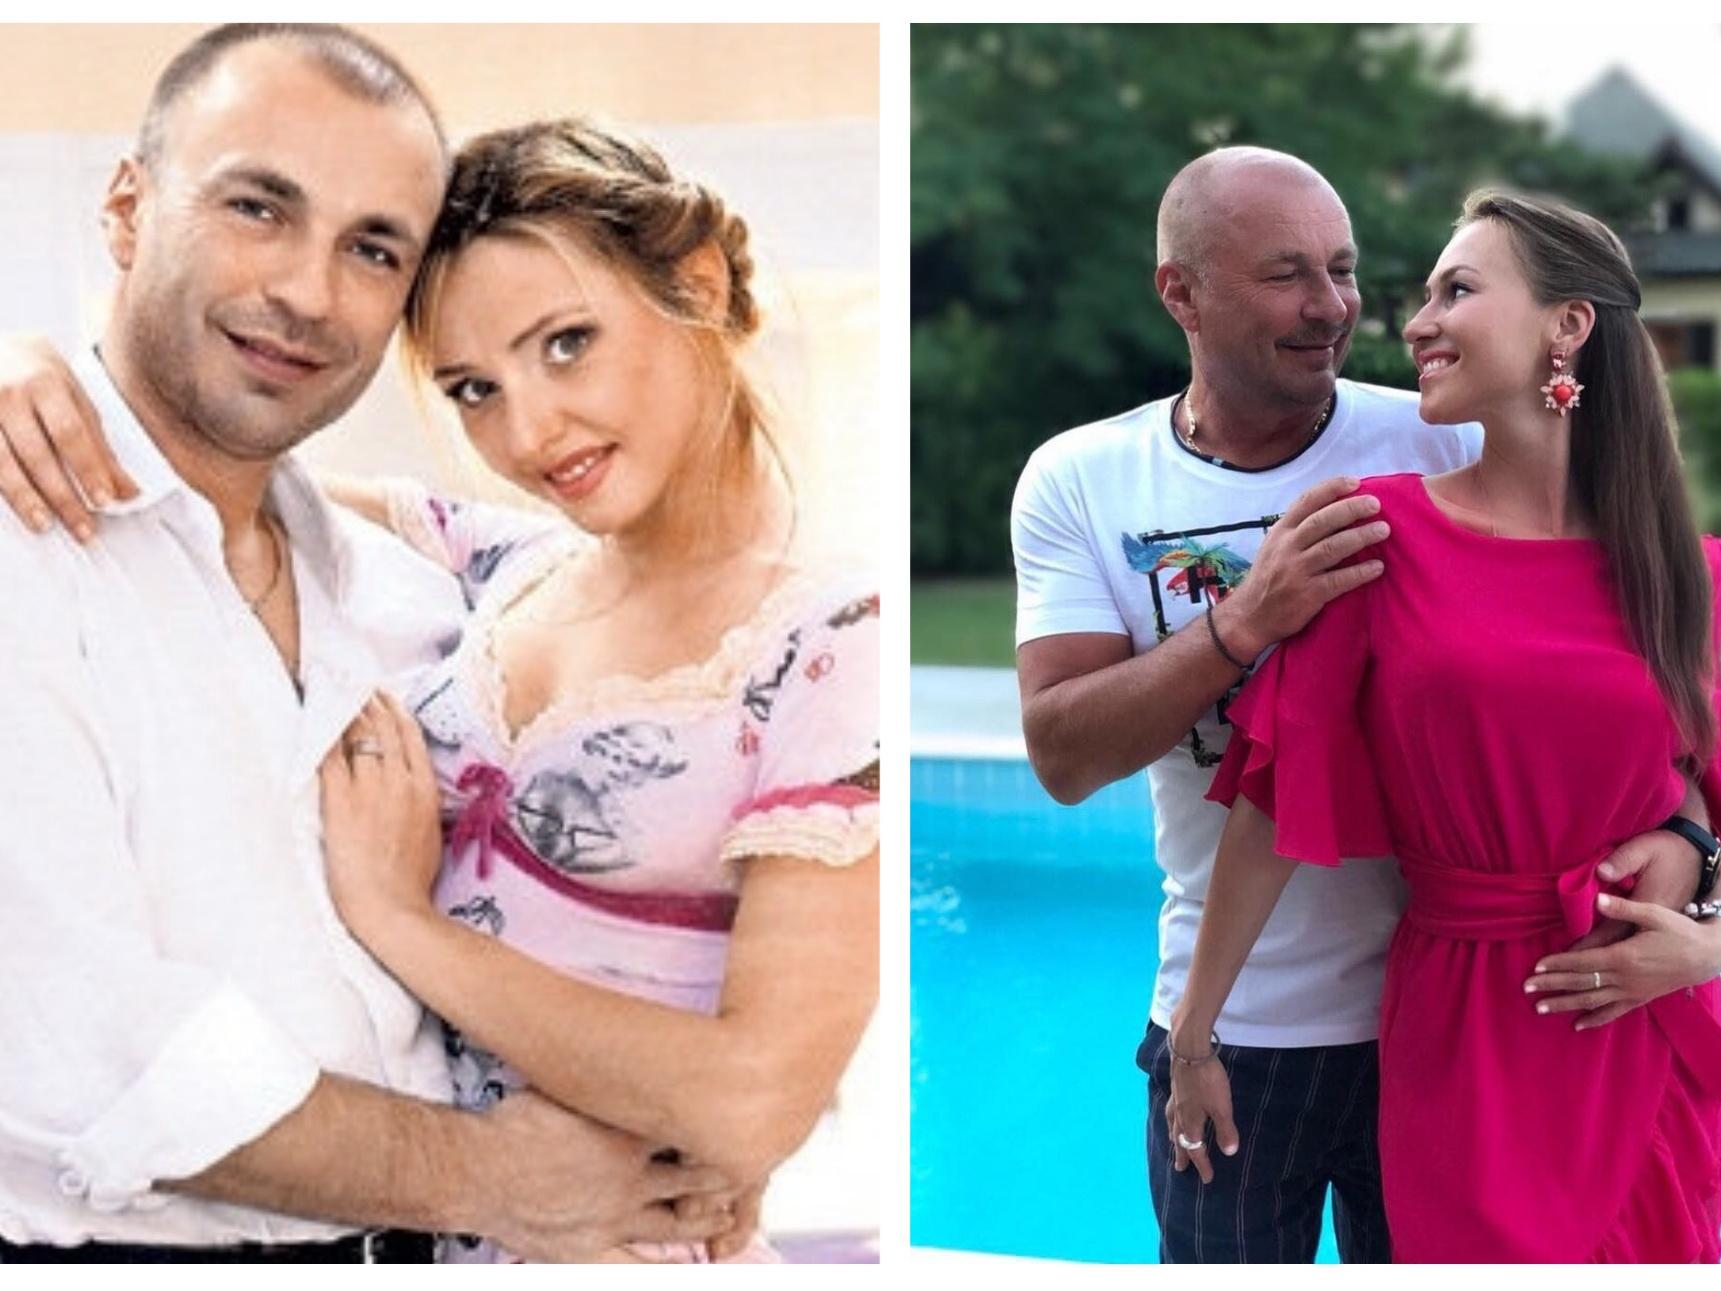 Бывший муж Татьяны Навки женился на девушке моложе него на 23 года – ФОТО